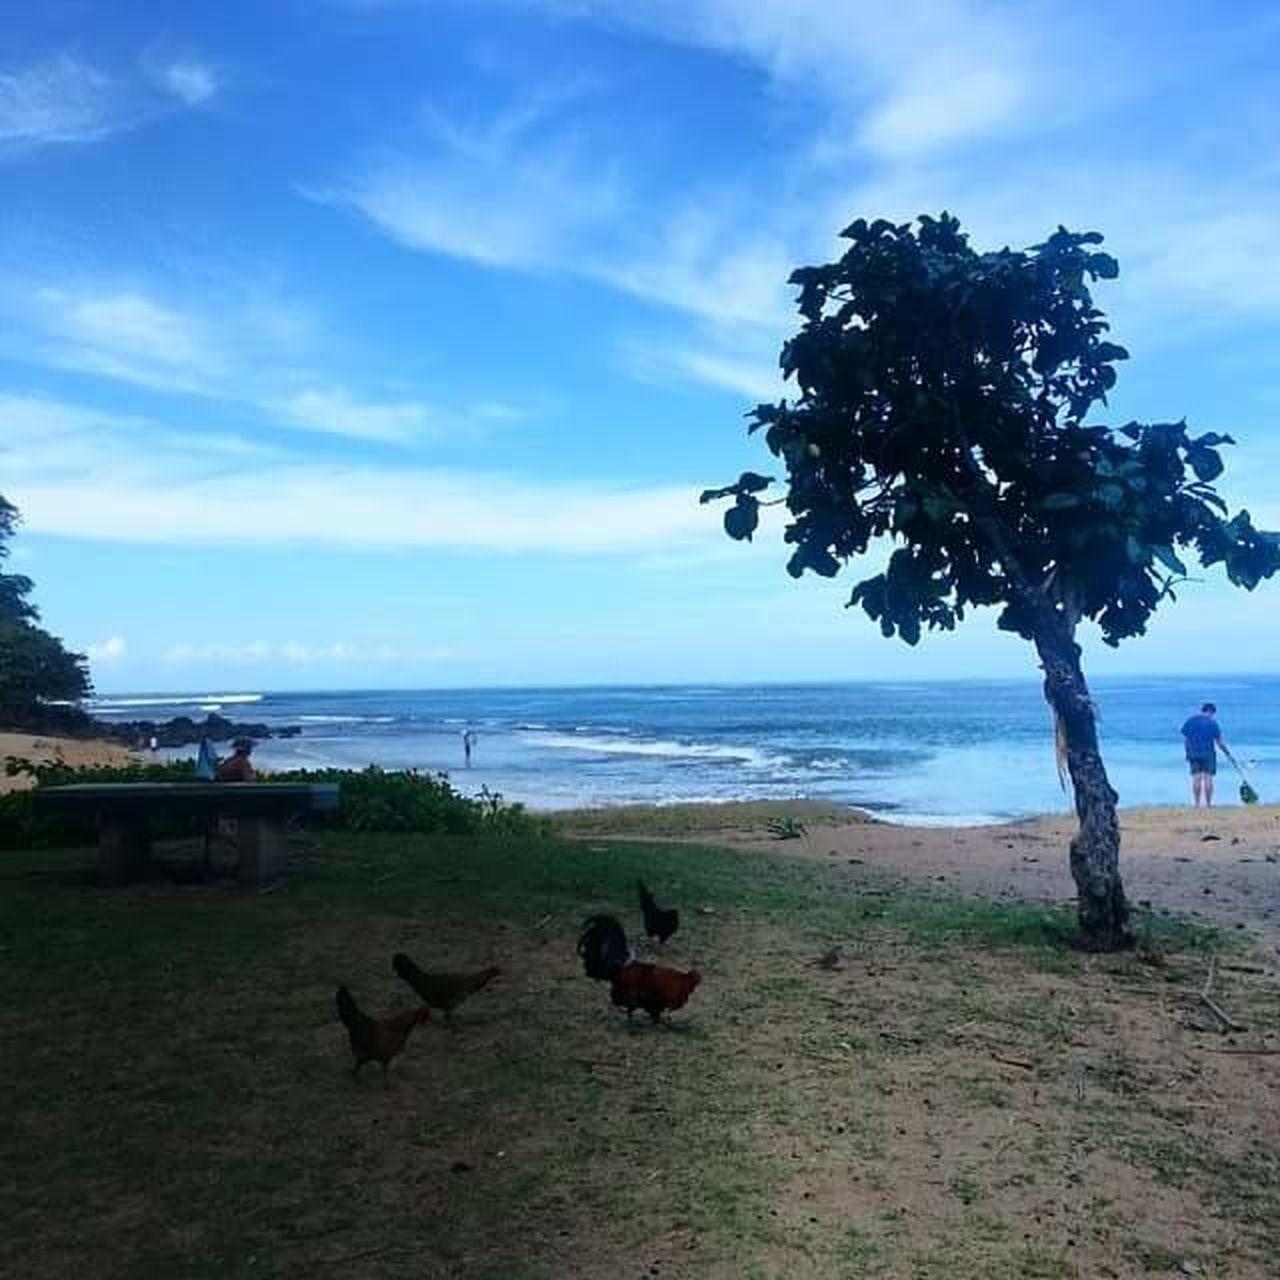 Tree Sea Sky Cloud - Sky Water Beach Bird Animal Themes Outdoors No People Nature Day Mammal Kauai Life Kauai Hawaii Kauai Chickens Chickens Wildlife